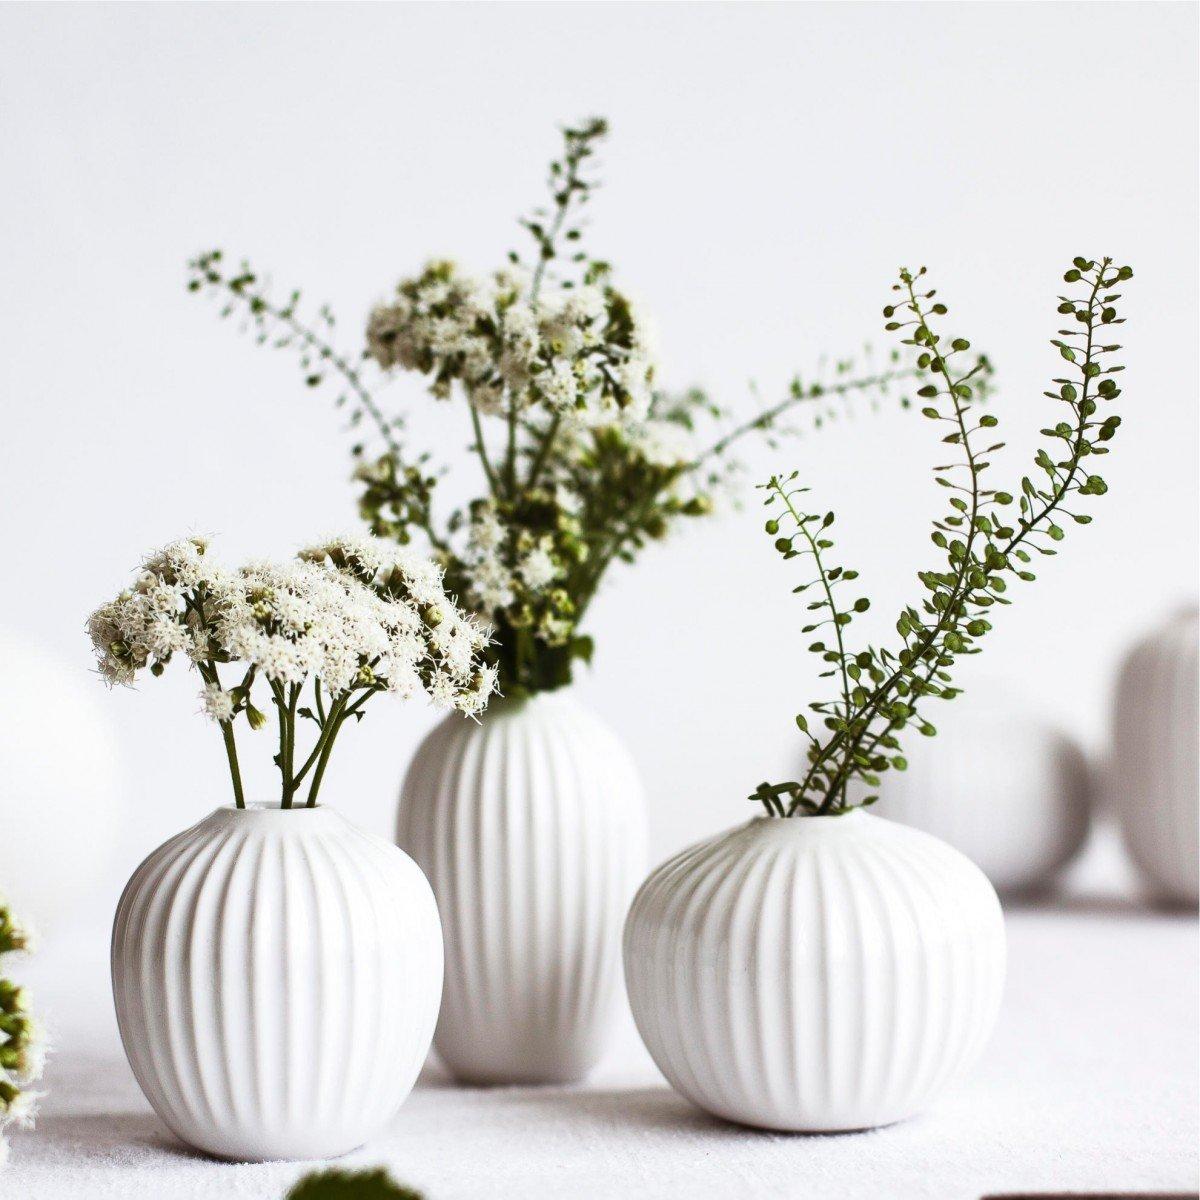 Kähler Design Mini-Vasen Hammershøi Mint-Anthrazit-Petrol (3-teilig) (3-teilig) (3-teilig) B06XDX48G6 Vasen 0b4df1